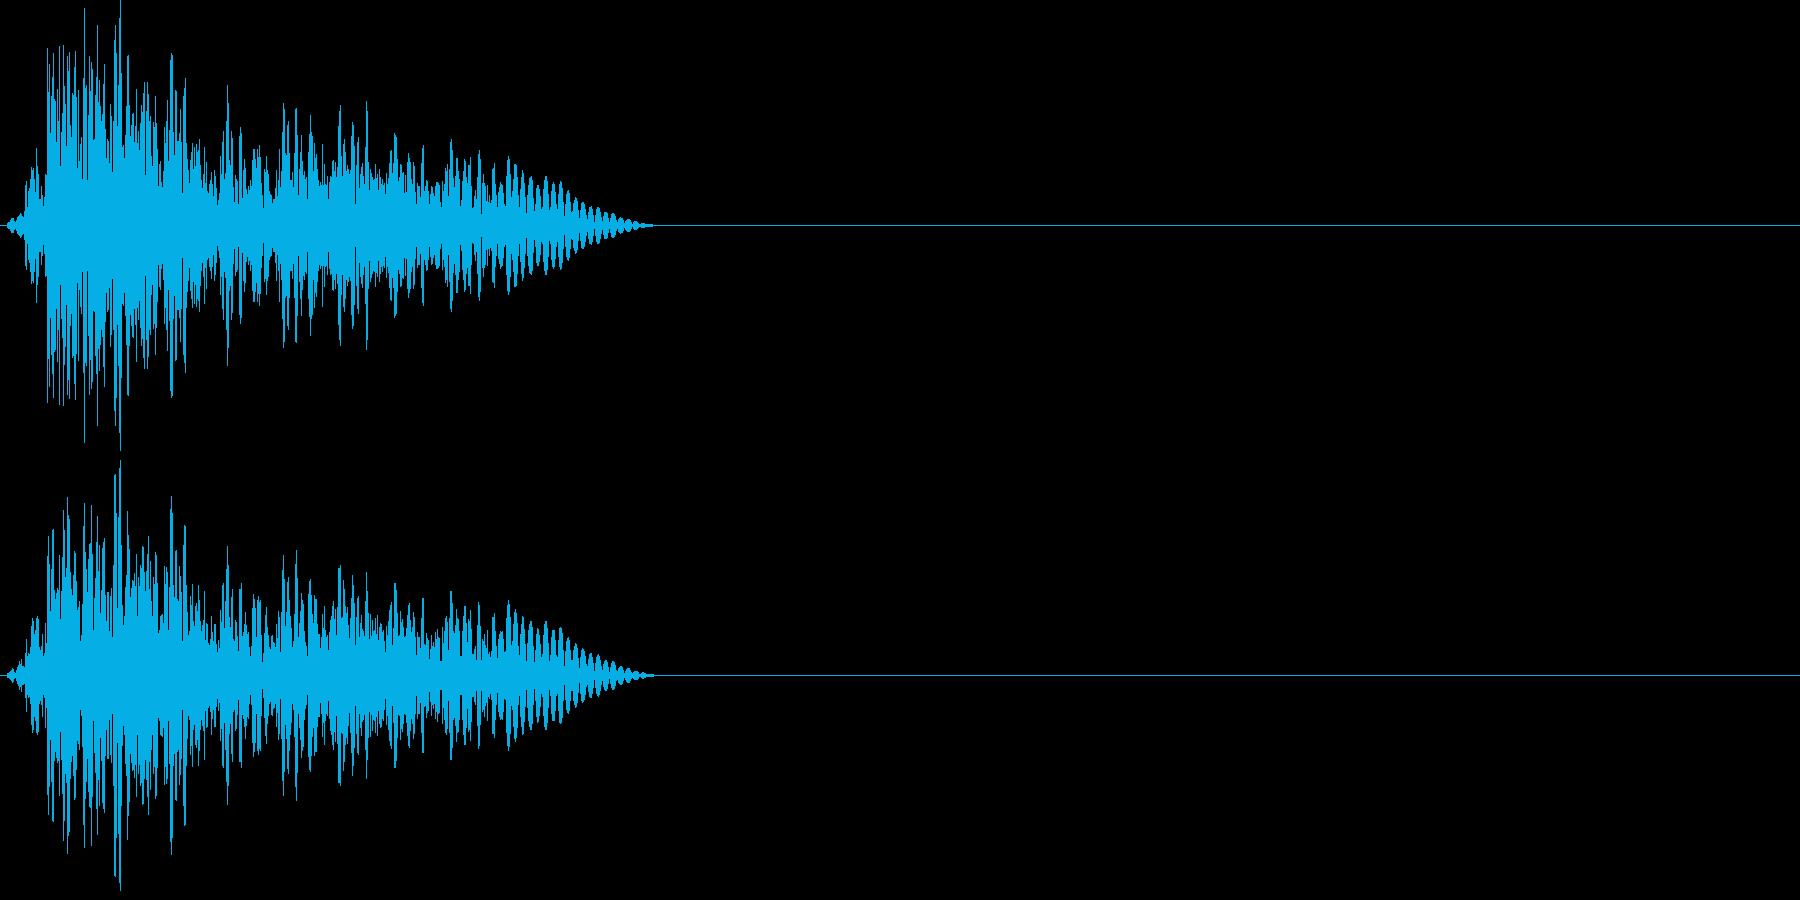 アコースティックギターの音2の再生済みの波形